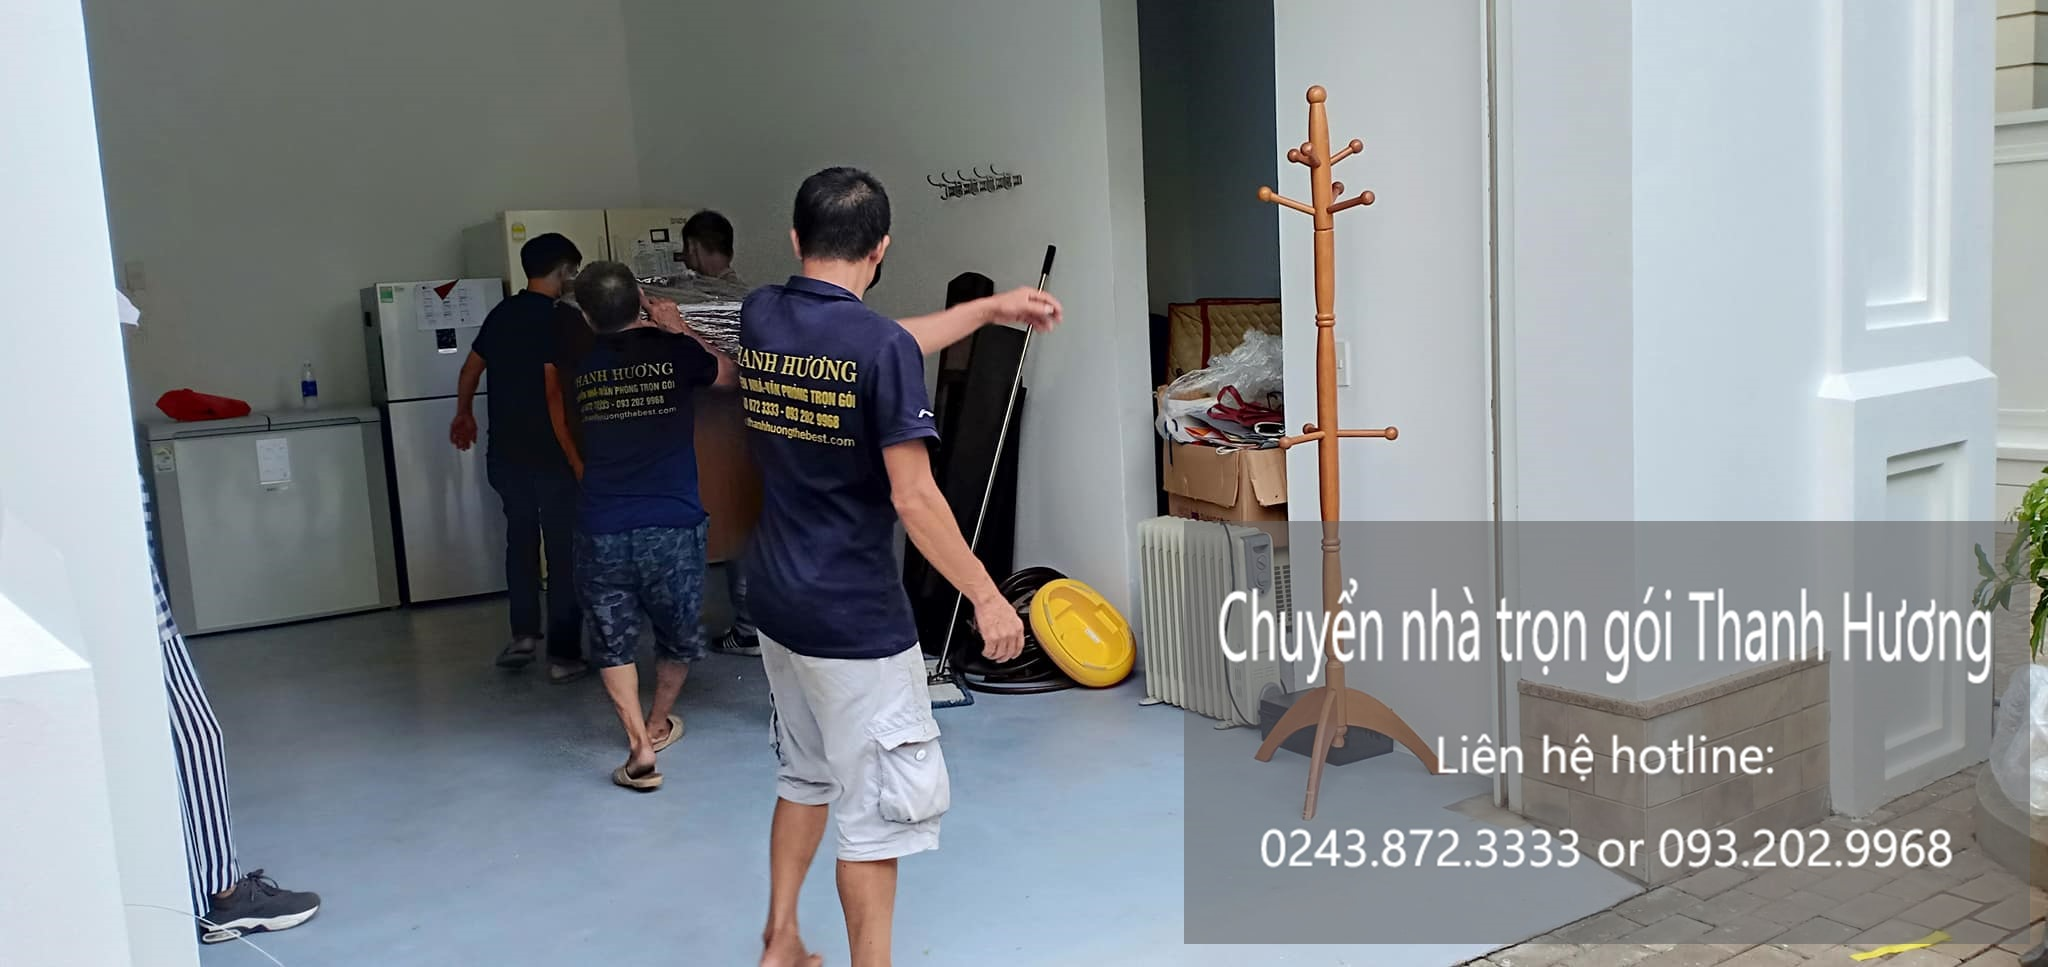 Dịch vụ chuyển nhà trọn gói tại đường Nguyễn Văn Cừ đi Ninh Bình